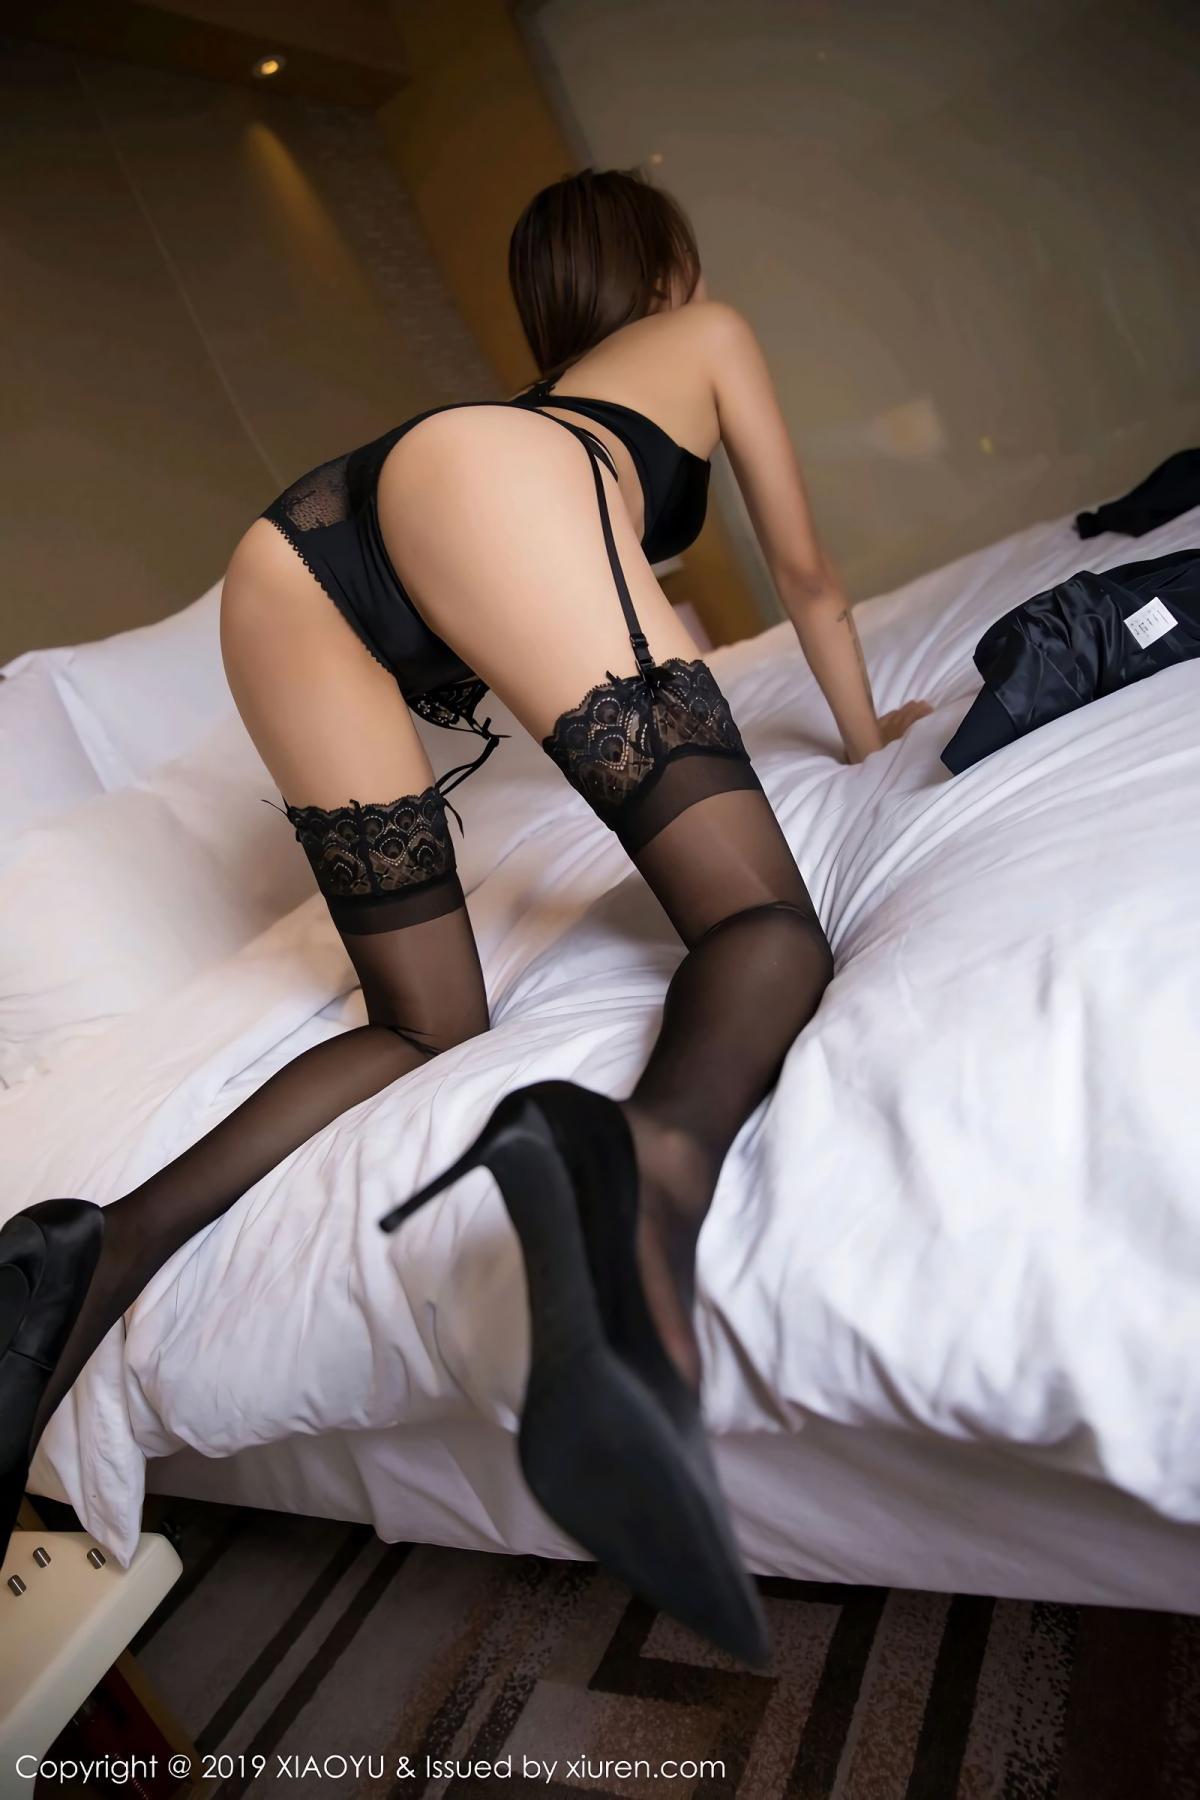 [XiaoYu] Vol.037 Miko Jiang 12P, Miko Jiang, Slim, Tall, Underwear, XiaoYu